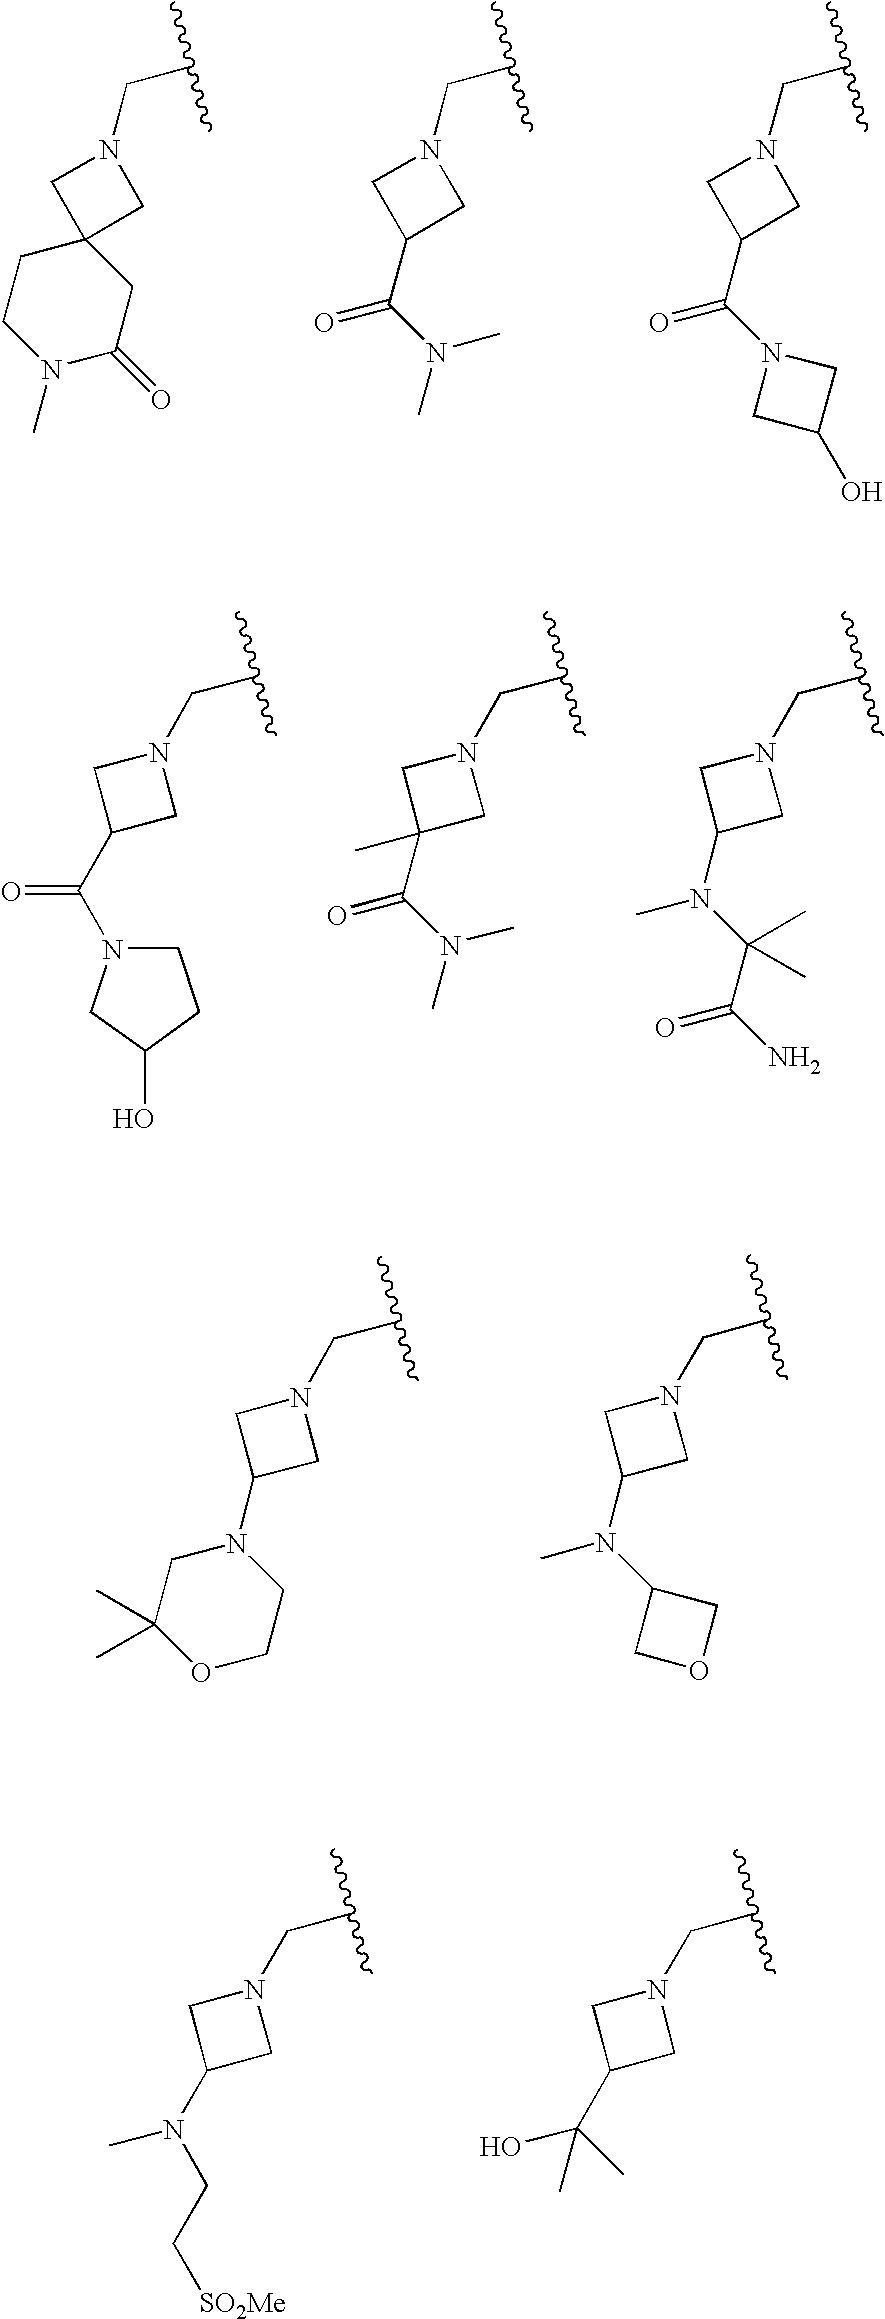 Figure US08173650-20120508-C00028